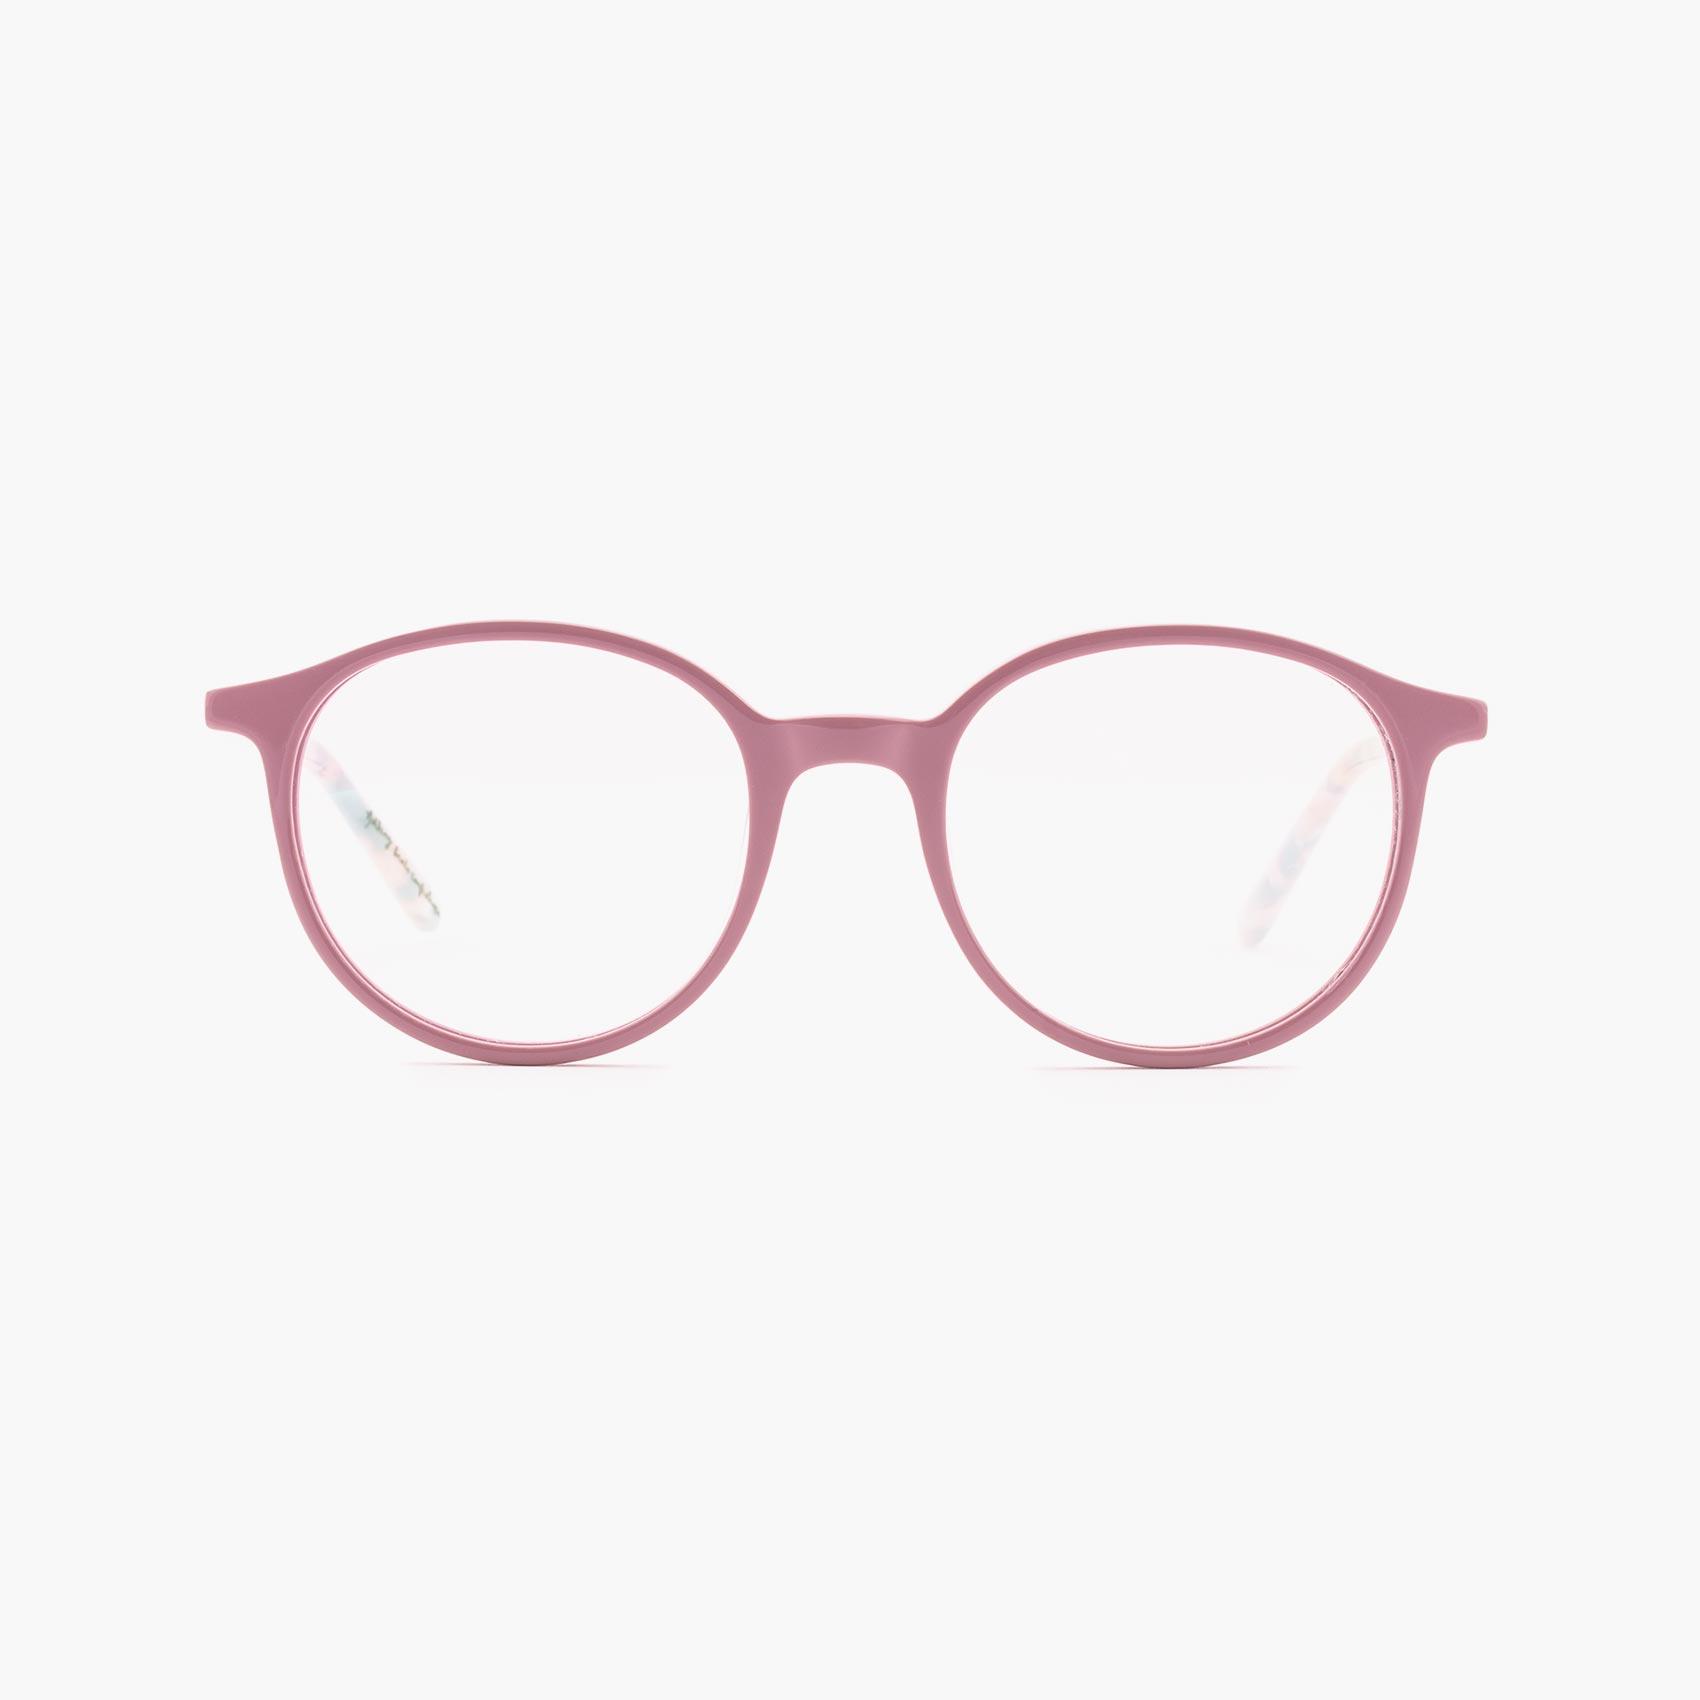 Gafas graduadas de mujer color rosa Proud eyewear Natalie C1